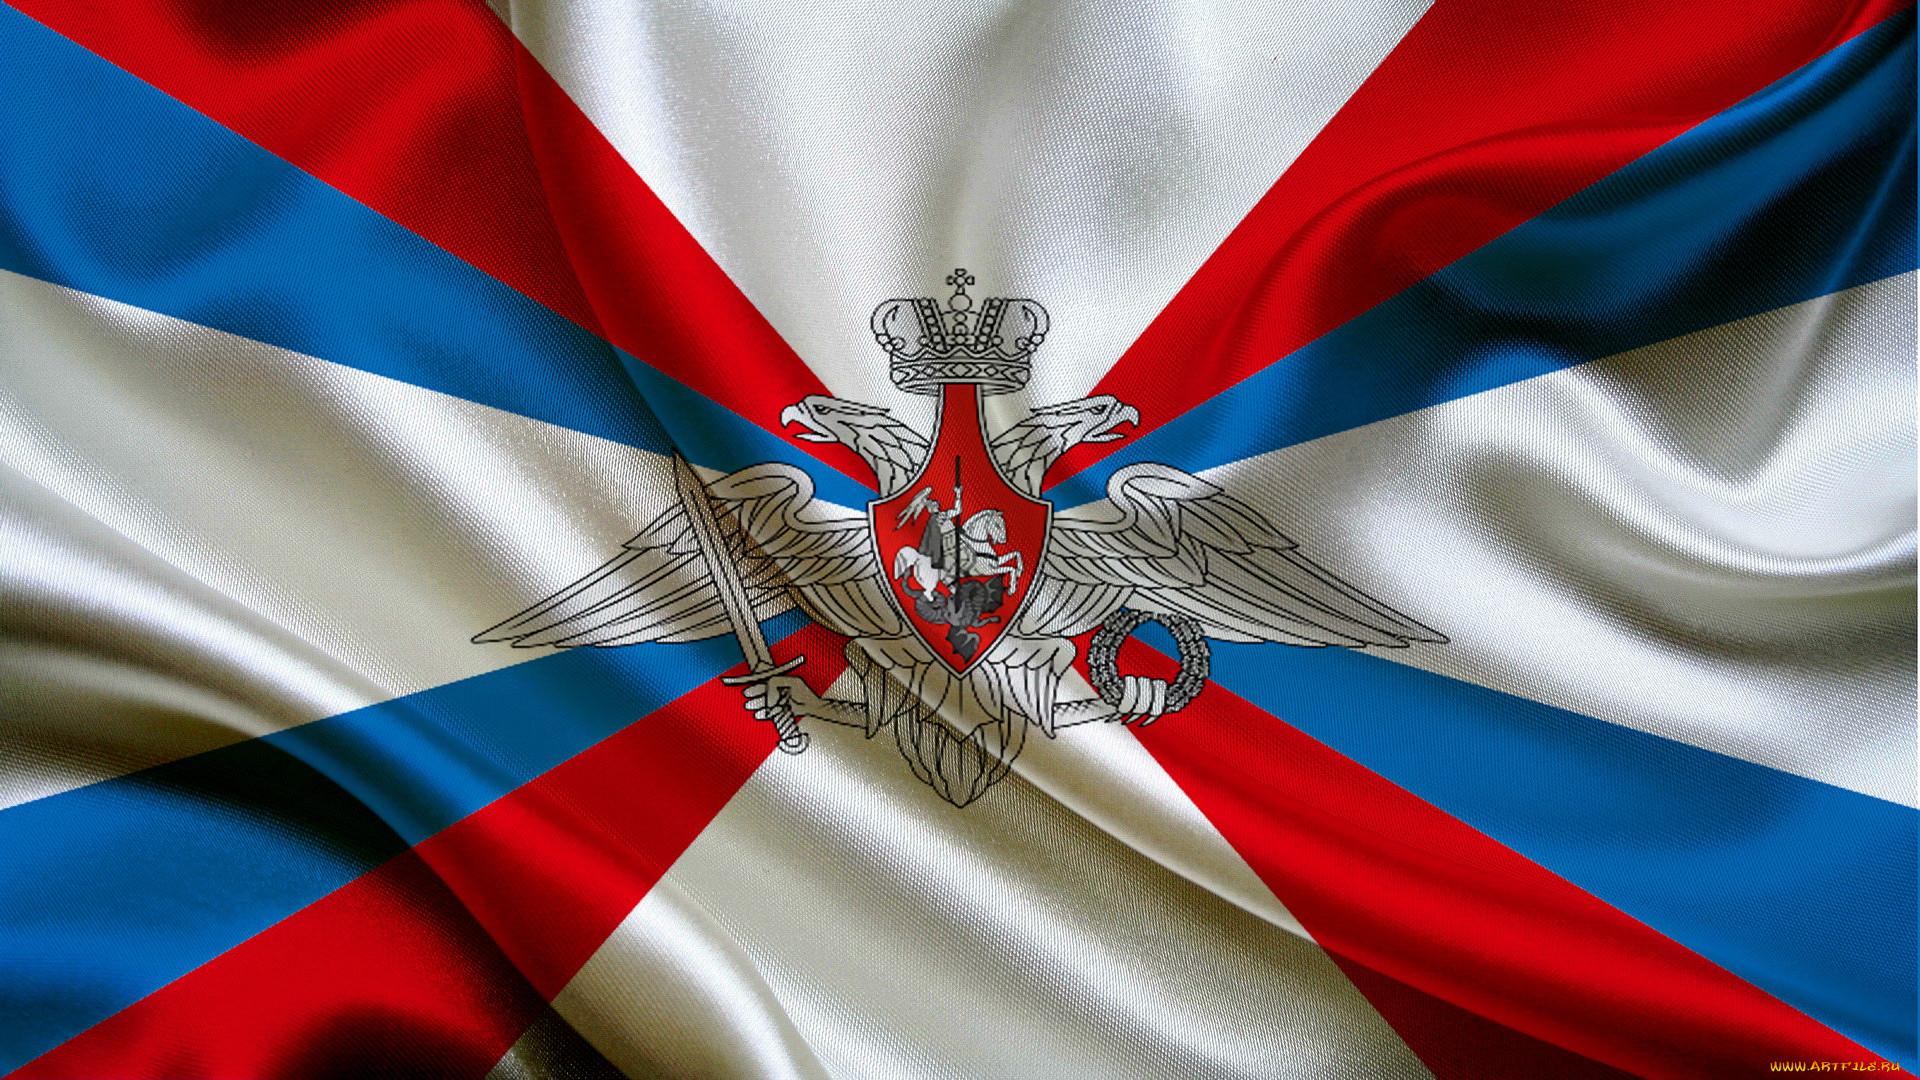 устанавливать картинки военный флаг россии обнаружены две